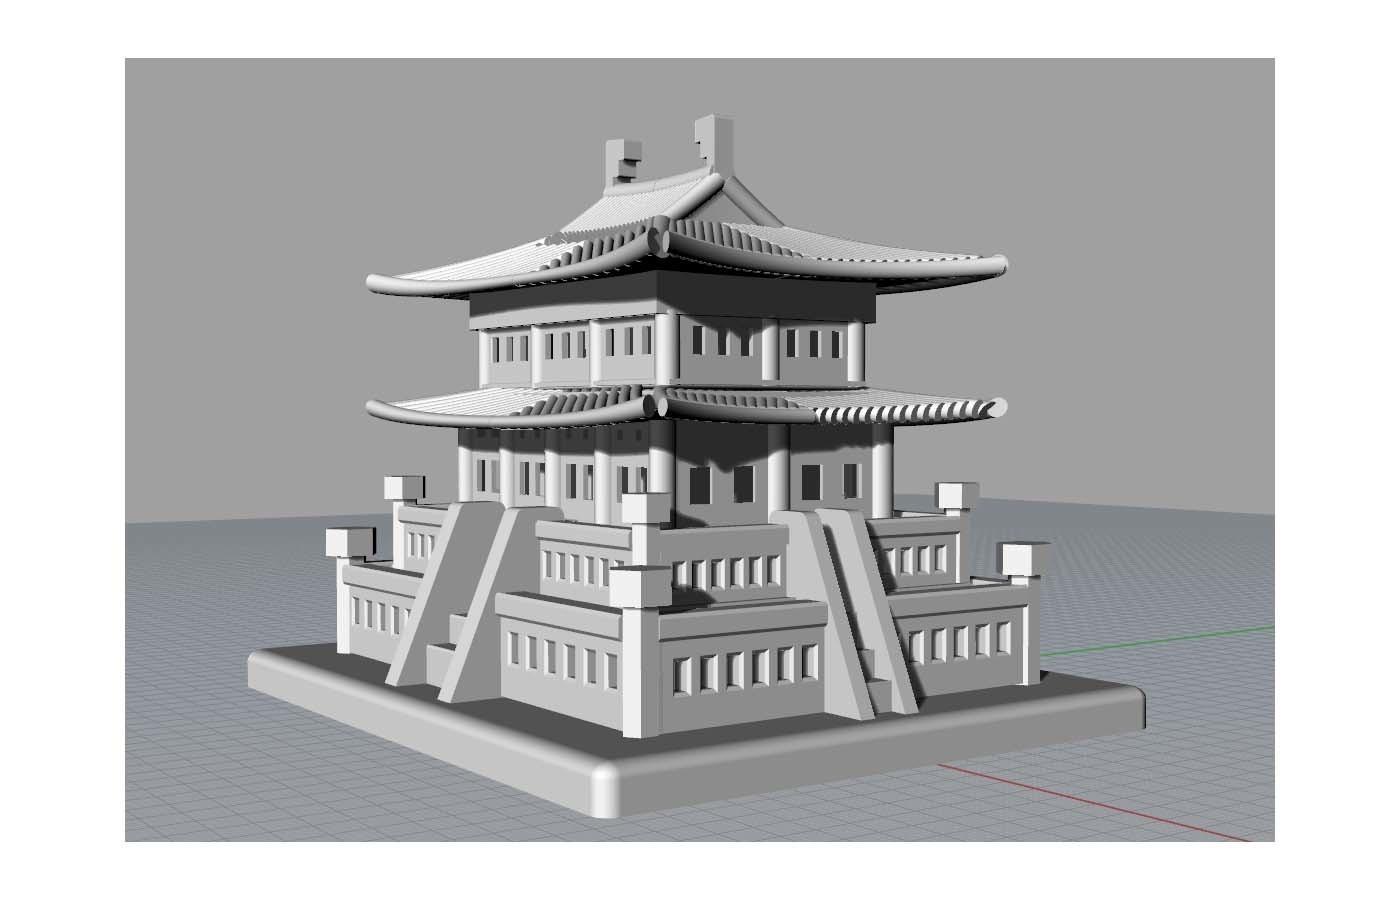 Korean Traditional Architecture Coin Bank jpg2.jpg Télécharger fichier STL gratuit Banque Coréenne d'Architecture Traditionnelle de Pièces de monnaie • Design imprimable en 3D, hyojung0320